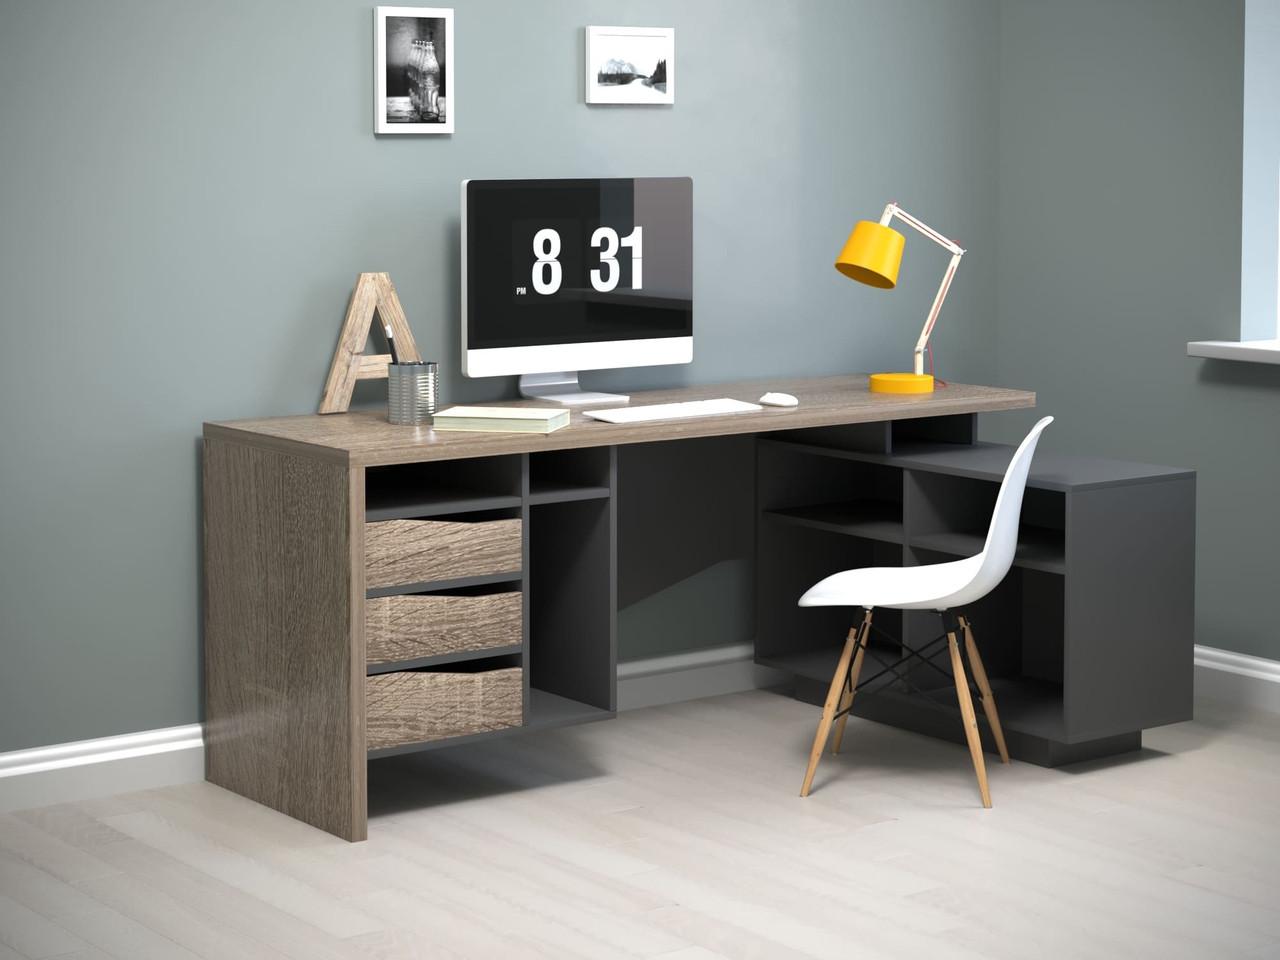 Комп'ютерний стіл Connect 2 (hub_05020314)